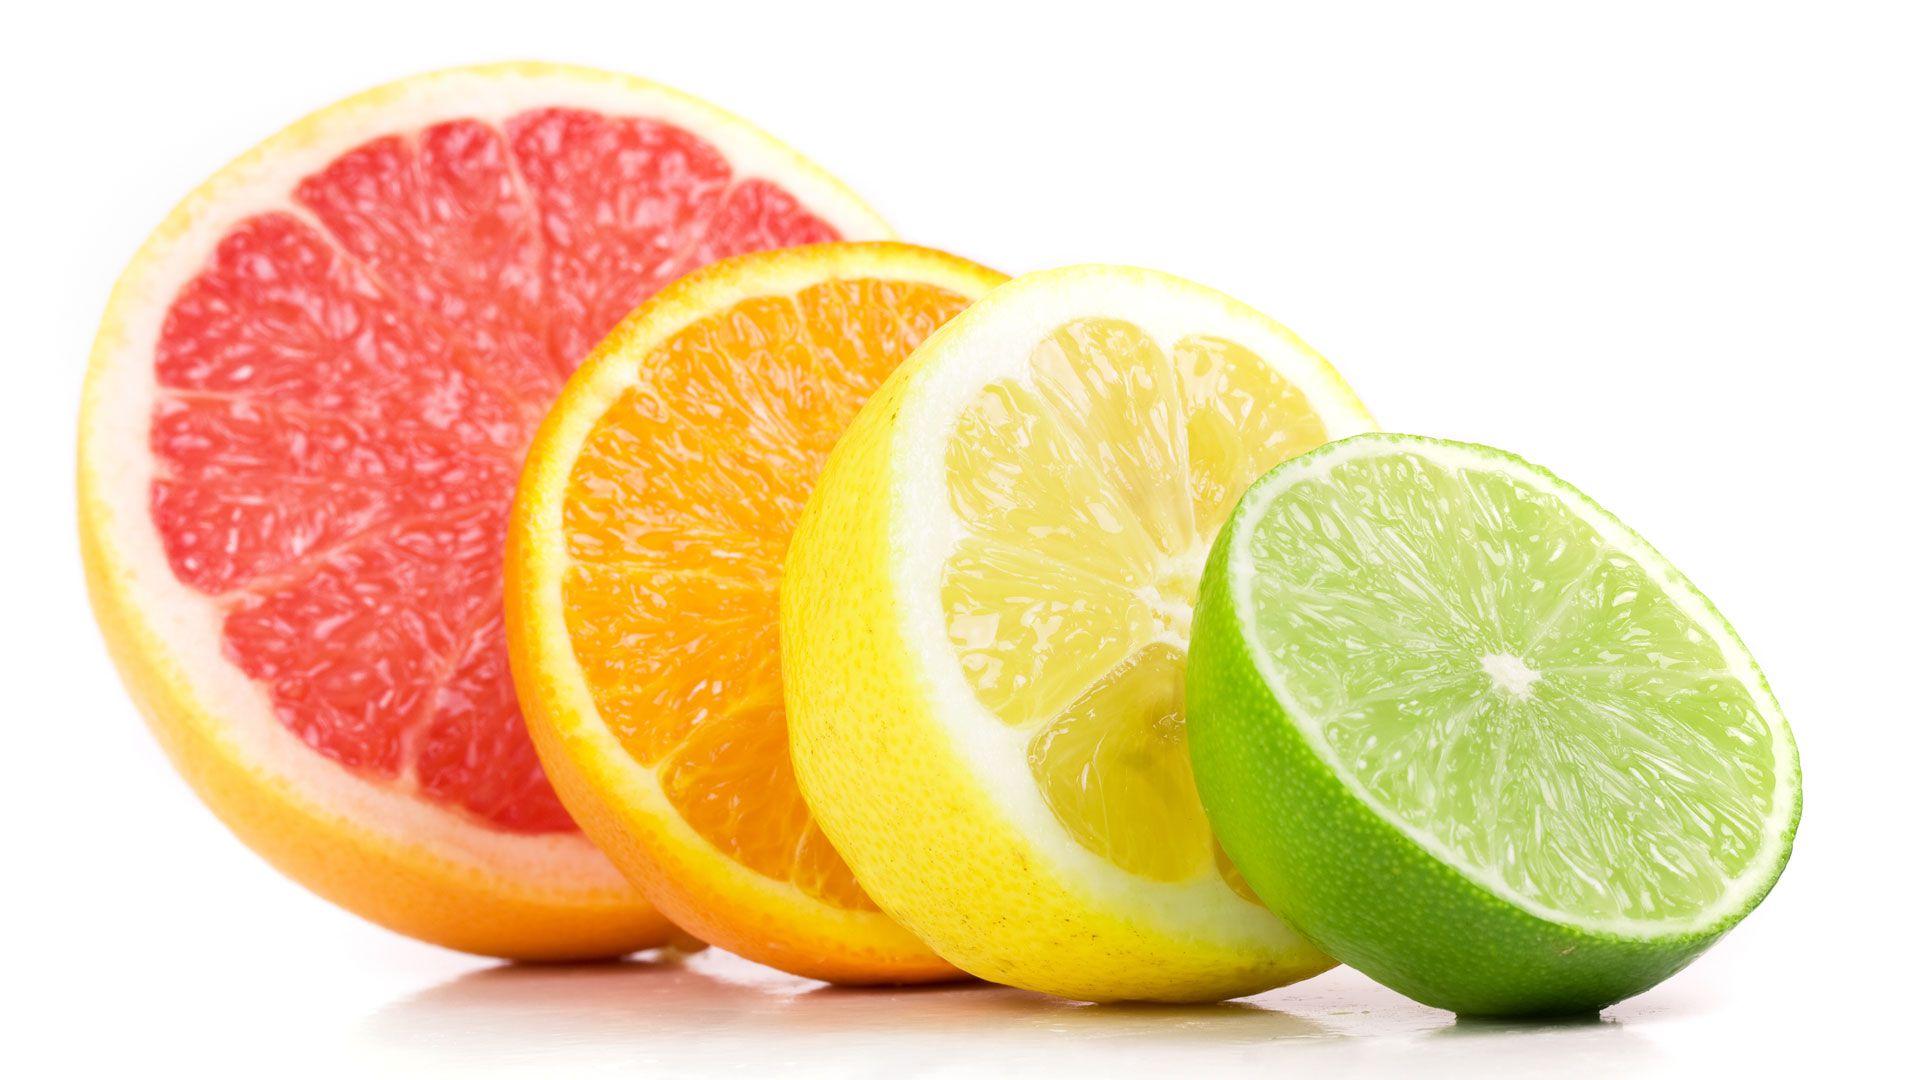 Las mejores fuentes de vitamina C son: las frutas y verduras, especialmente los cítricos